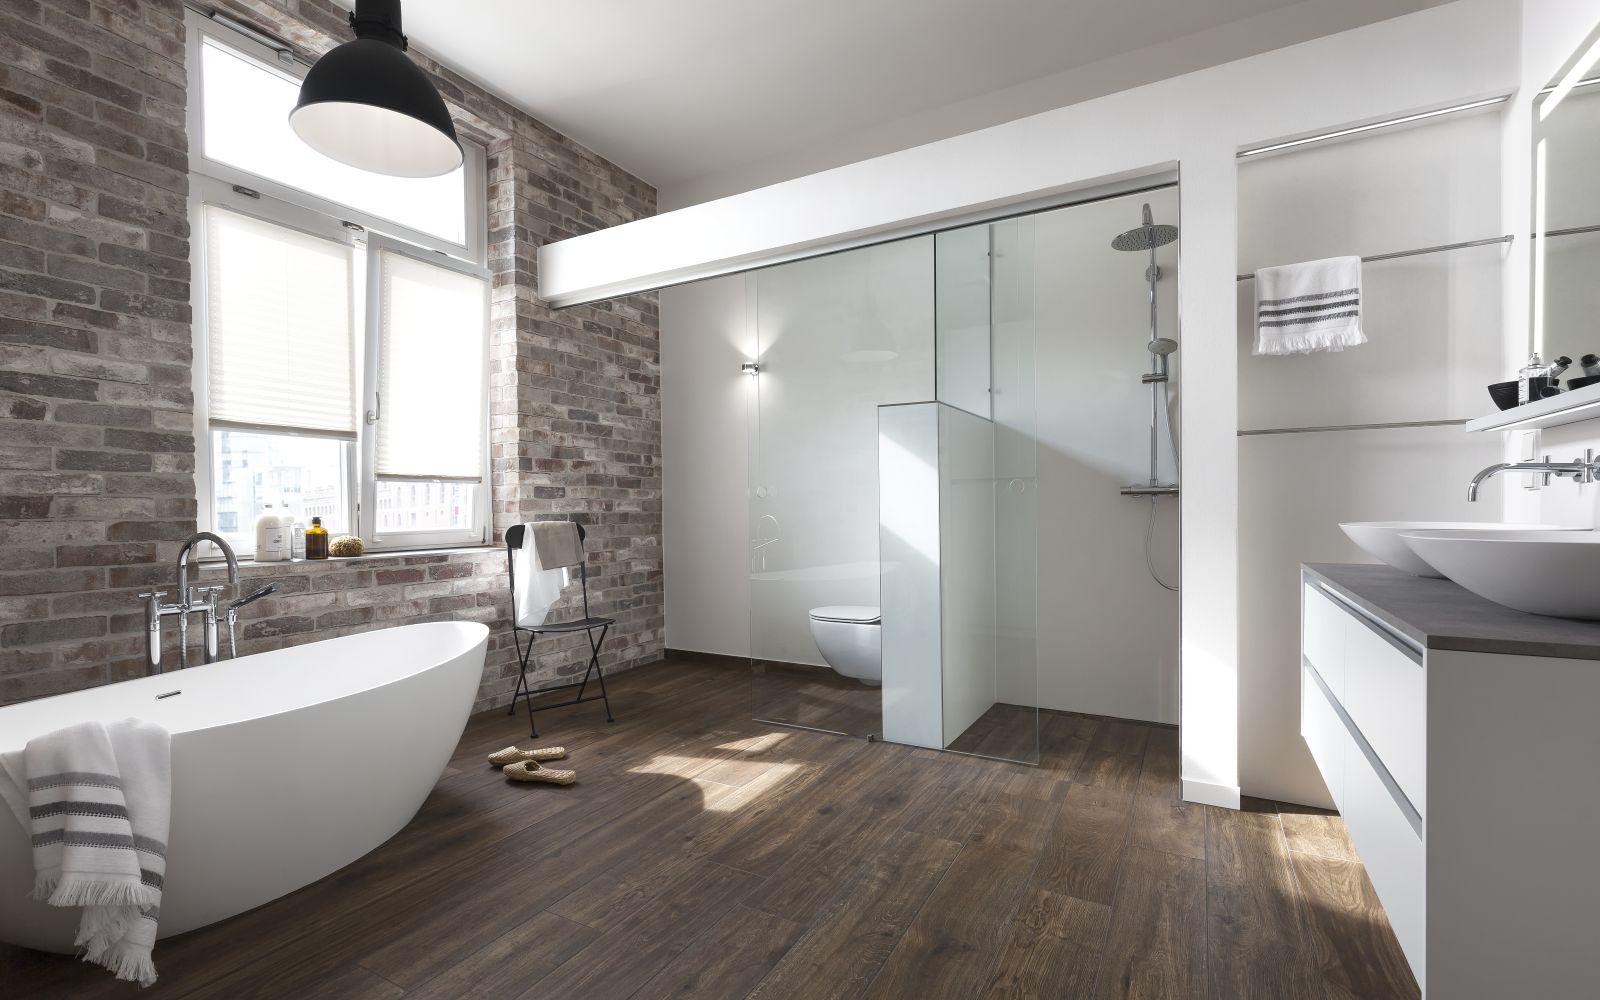 Referenzen/badezimmer-mit-altbau-charme